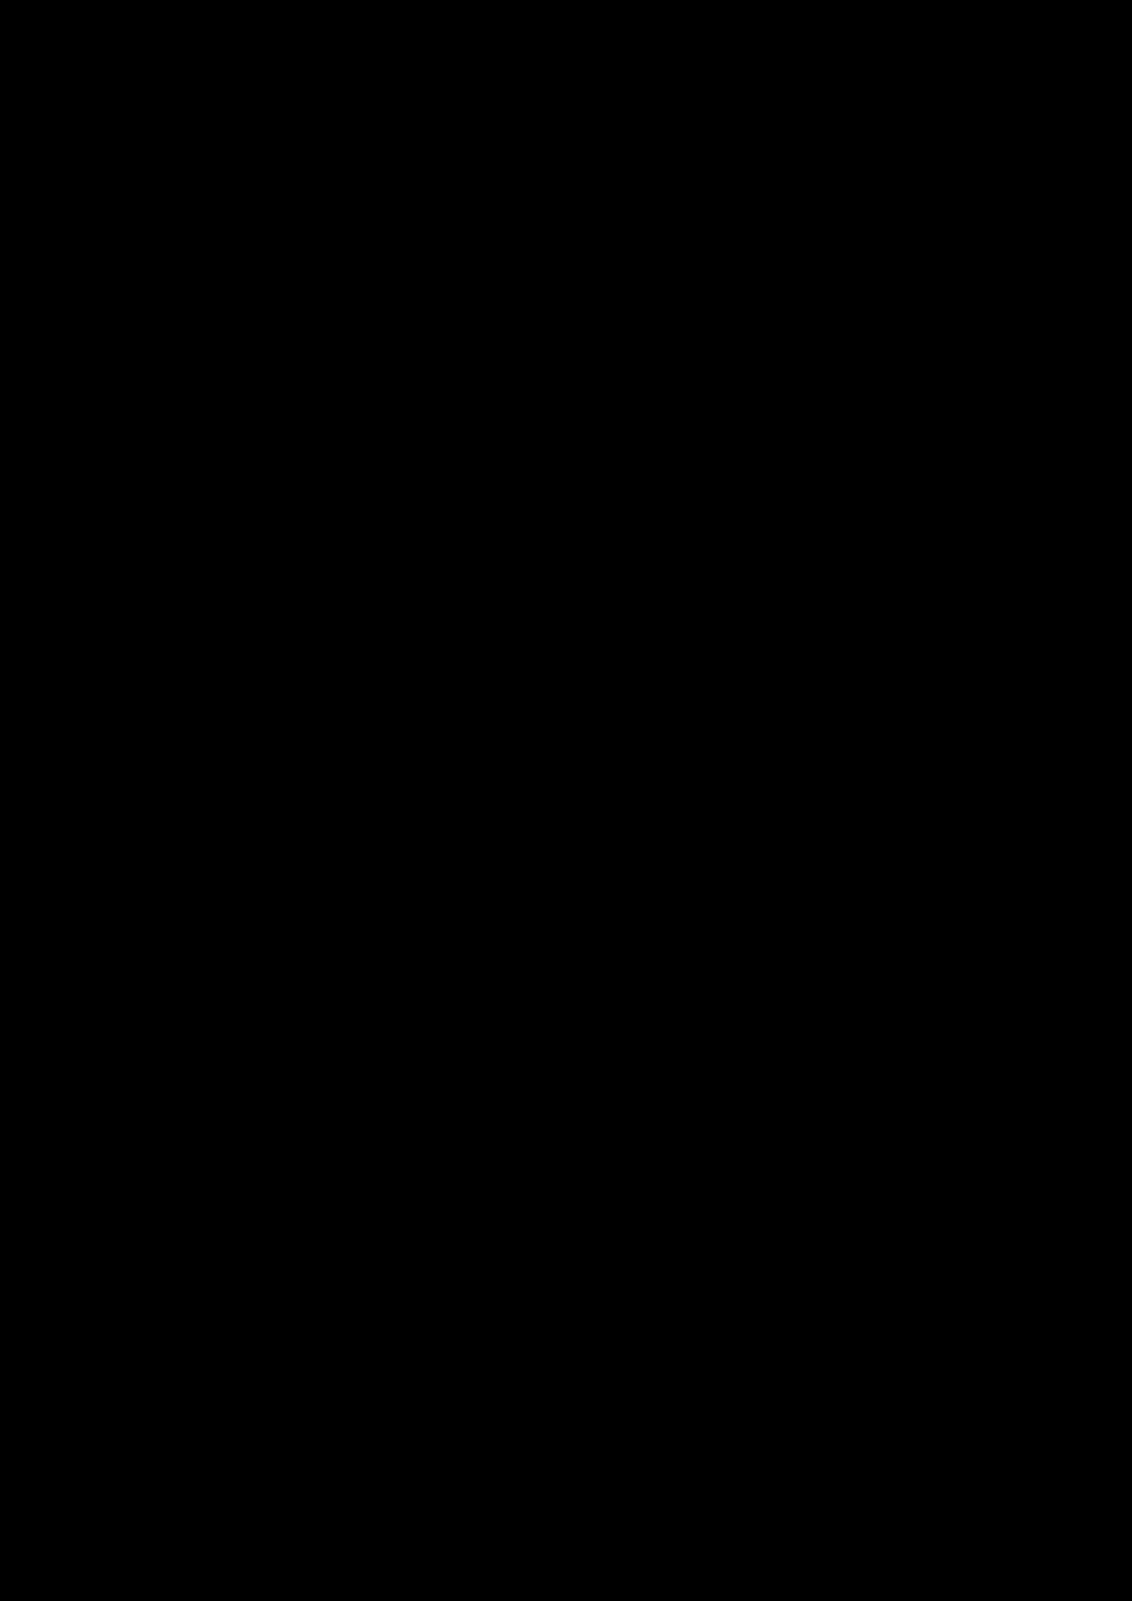 Zagadka volshebnoy stranyi slide, Image 119